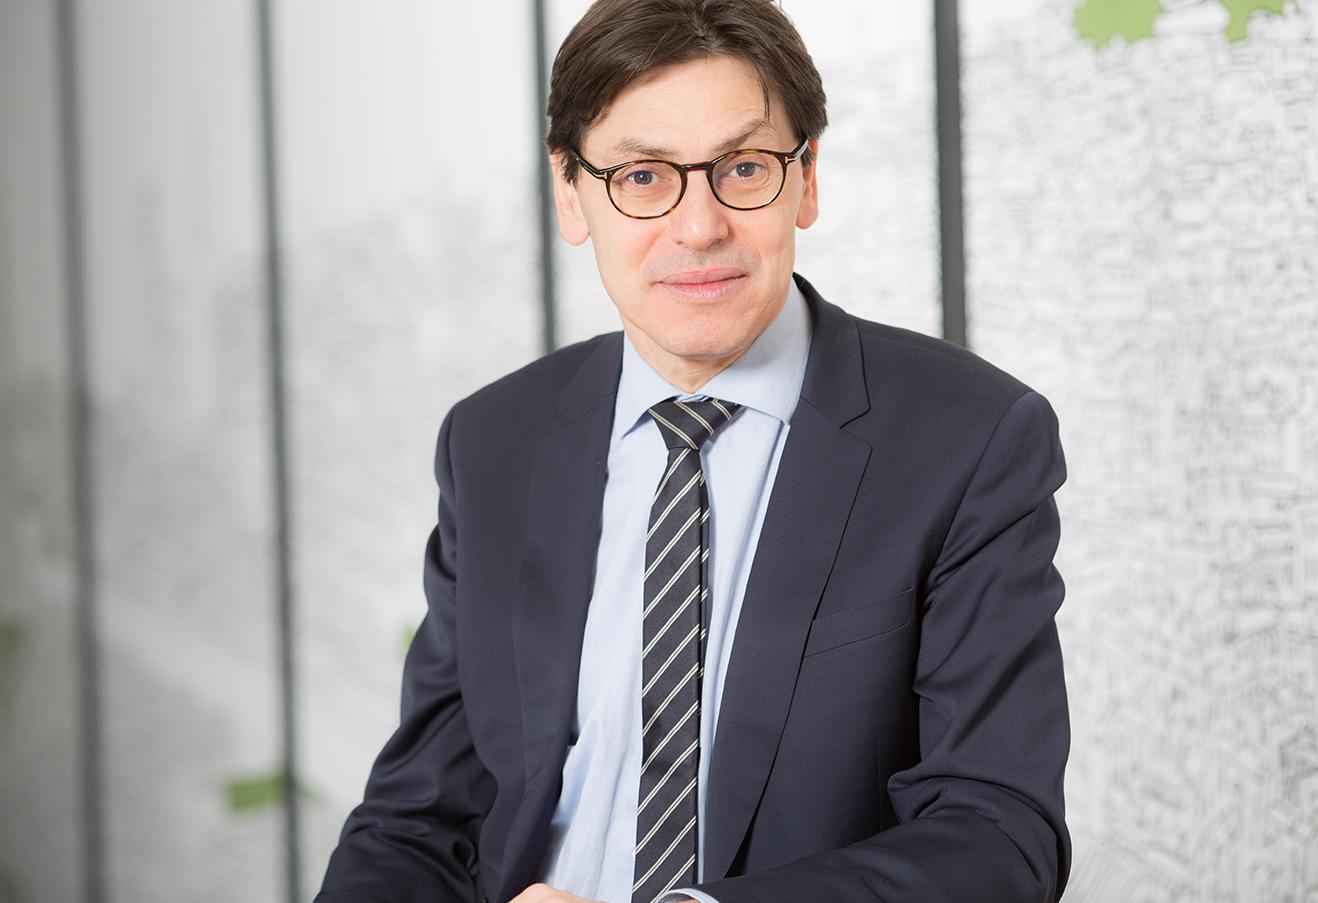 Interview de Frédéric Dabi sur la ruralité en France